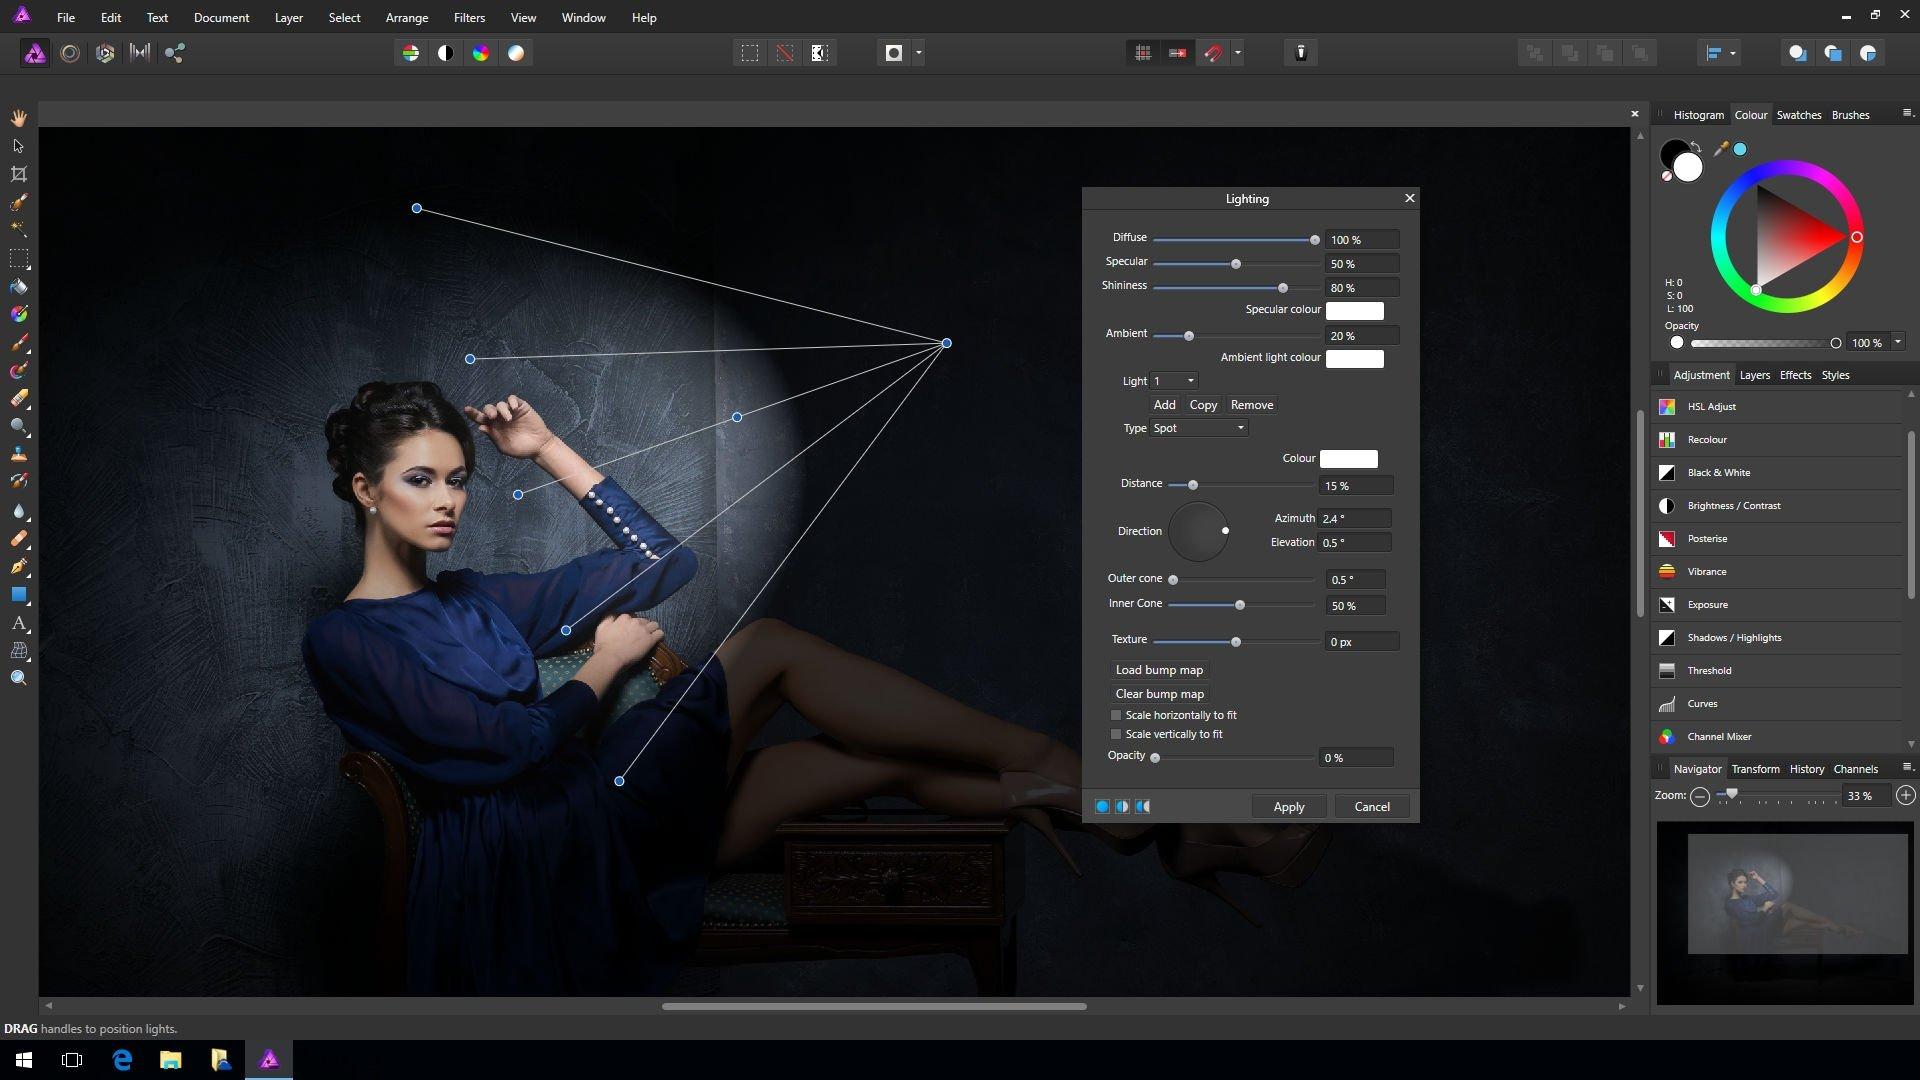 affinity designer free download for windows